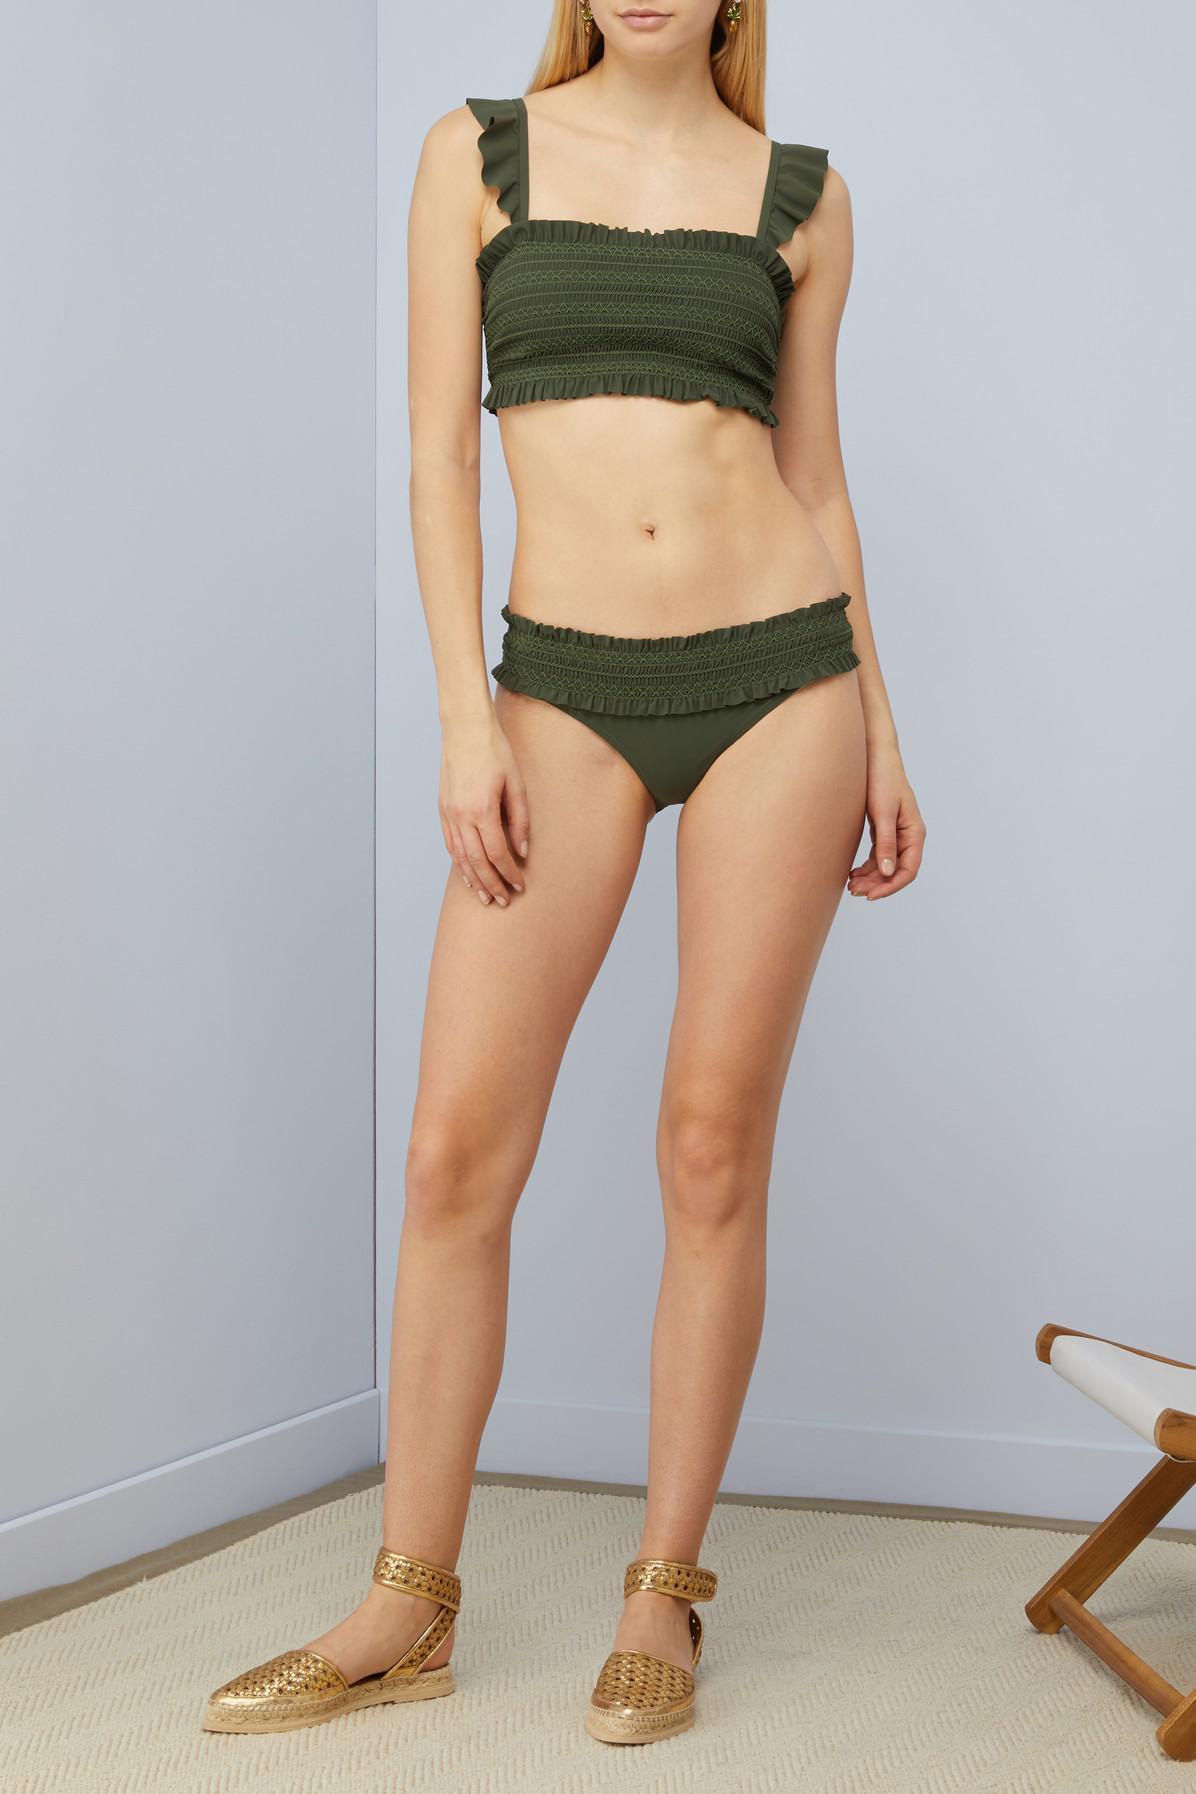 Meilleur Pas Cher Tory Burch Haut de bikini Smock Obtenir Authentique En Ligne 90nMTUdN